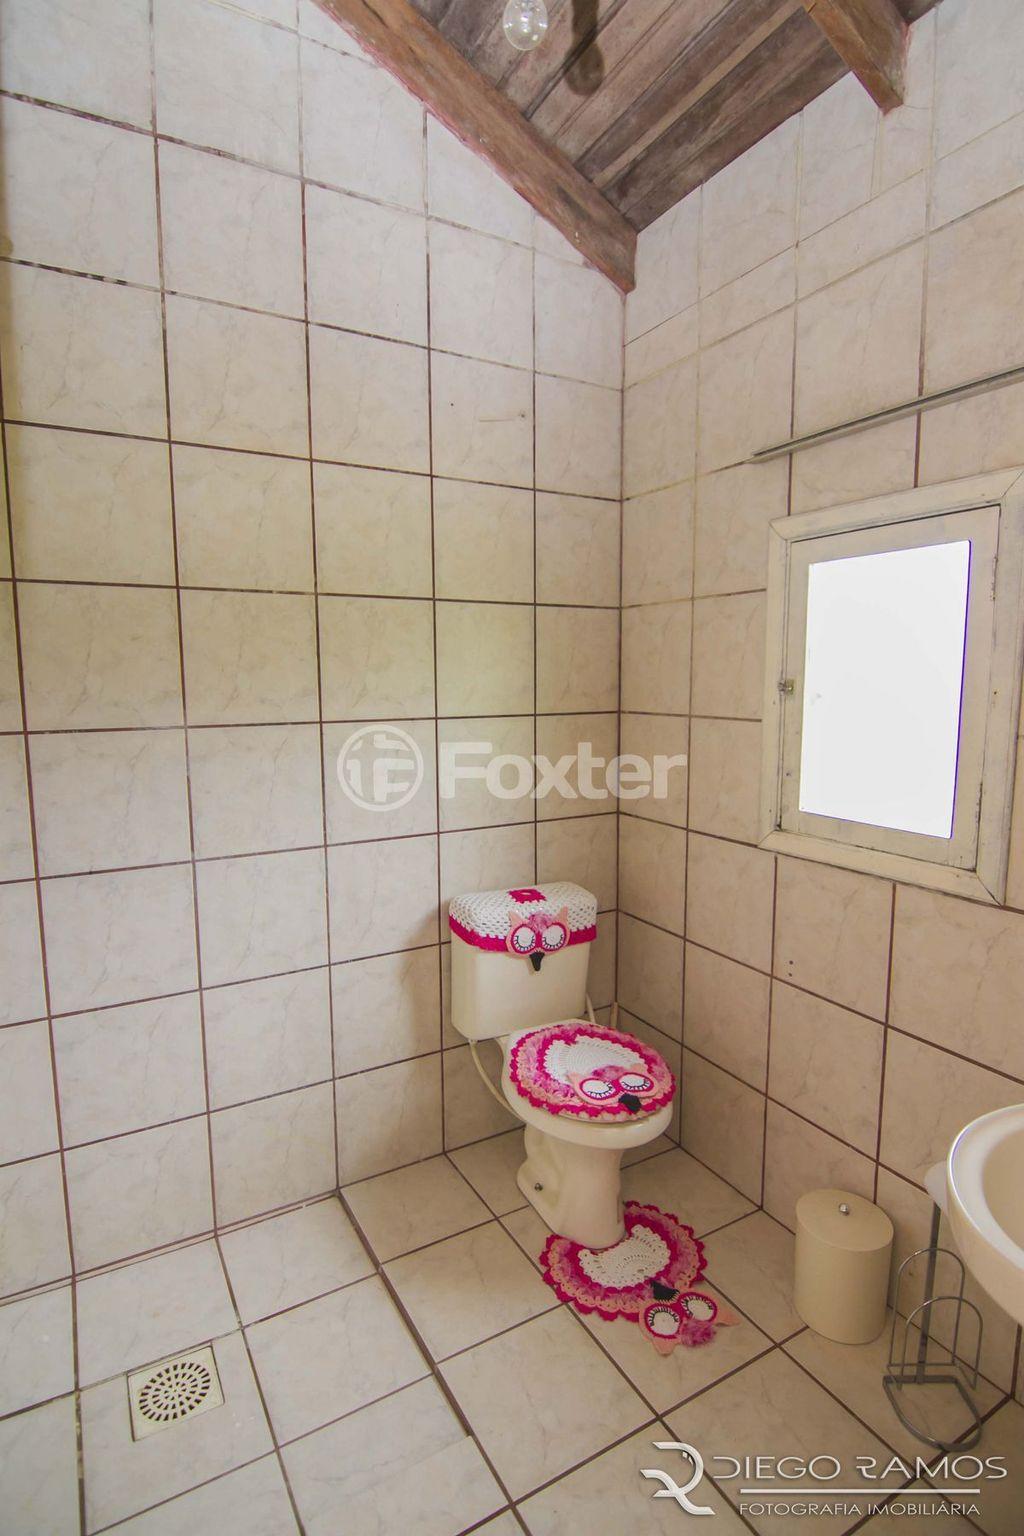 Foxter Imobiliária - Casa 5 Dorm, Belém Velho - Foto 18